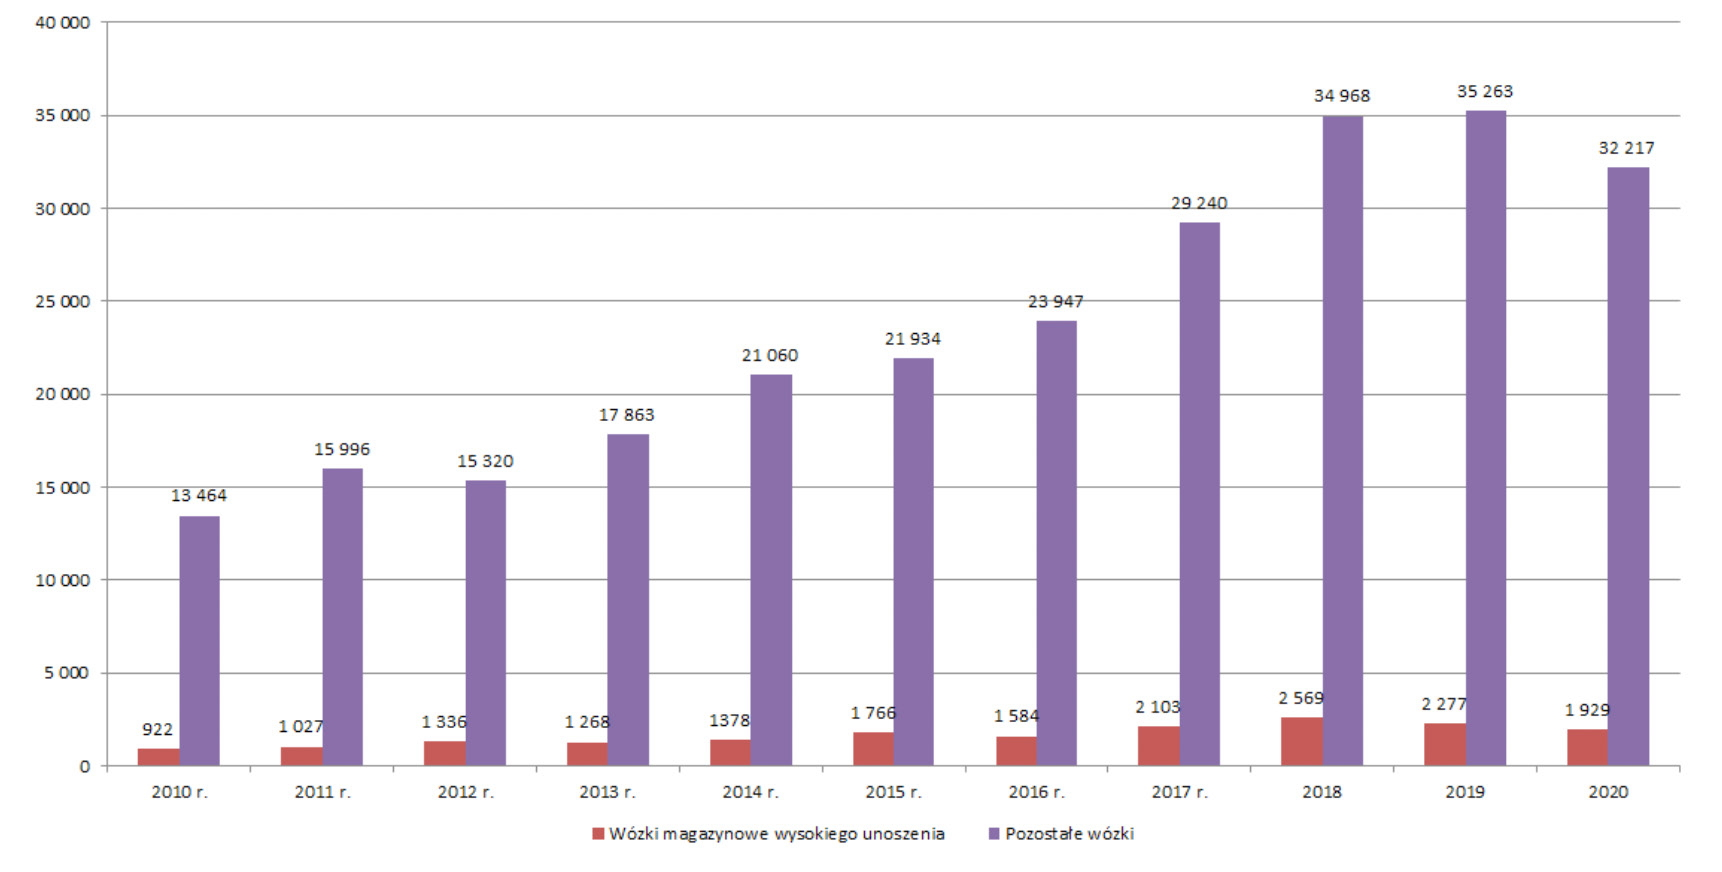 Wózki wysokiego unoszenia / Źródło: Opracowanie własne na podstawie danych UDT i WITS